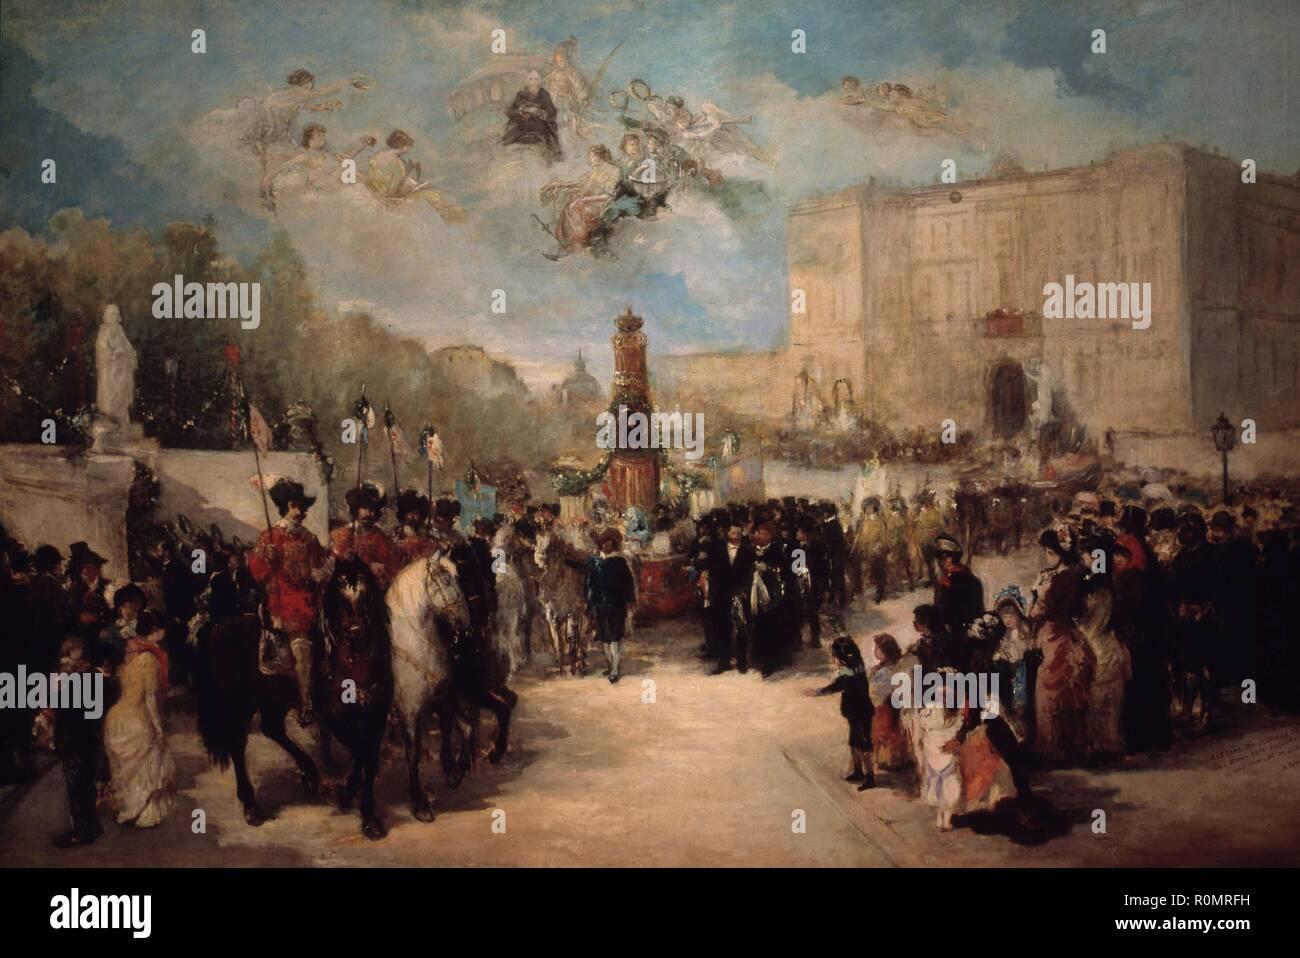 CALDERON DE LA BARCA, PEDRO ESCRITOR ESPAÑOL. MADRID 1600-1681 ' TRASLADO DE LOS RESTOS DE CALDERON AL PANTEON DE LOS HOMBRES ILUSTRES ' OLEO DE ANTONIO PEREZ RUBIO . MUSEO MUNICIPAL. MADRID. Author: PEREZ RUBIO, ANTONIO (1822-1888). - Stock Image